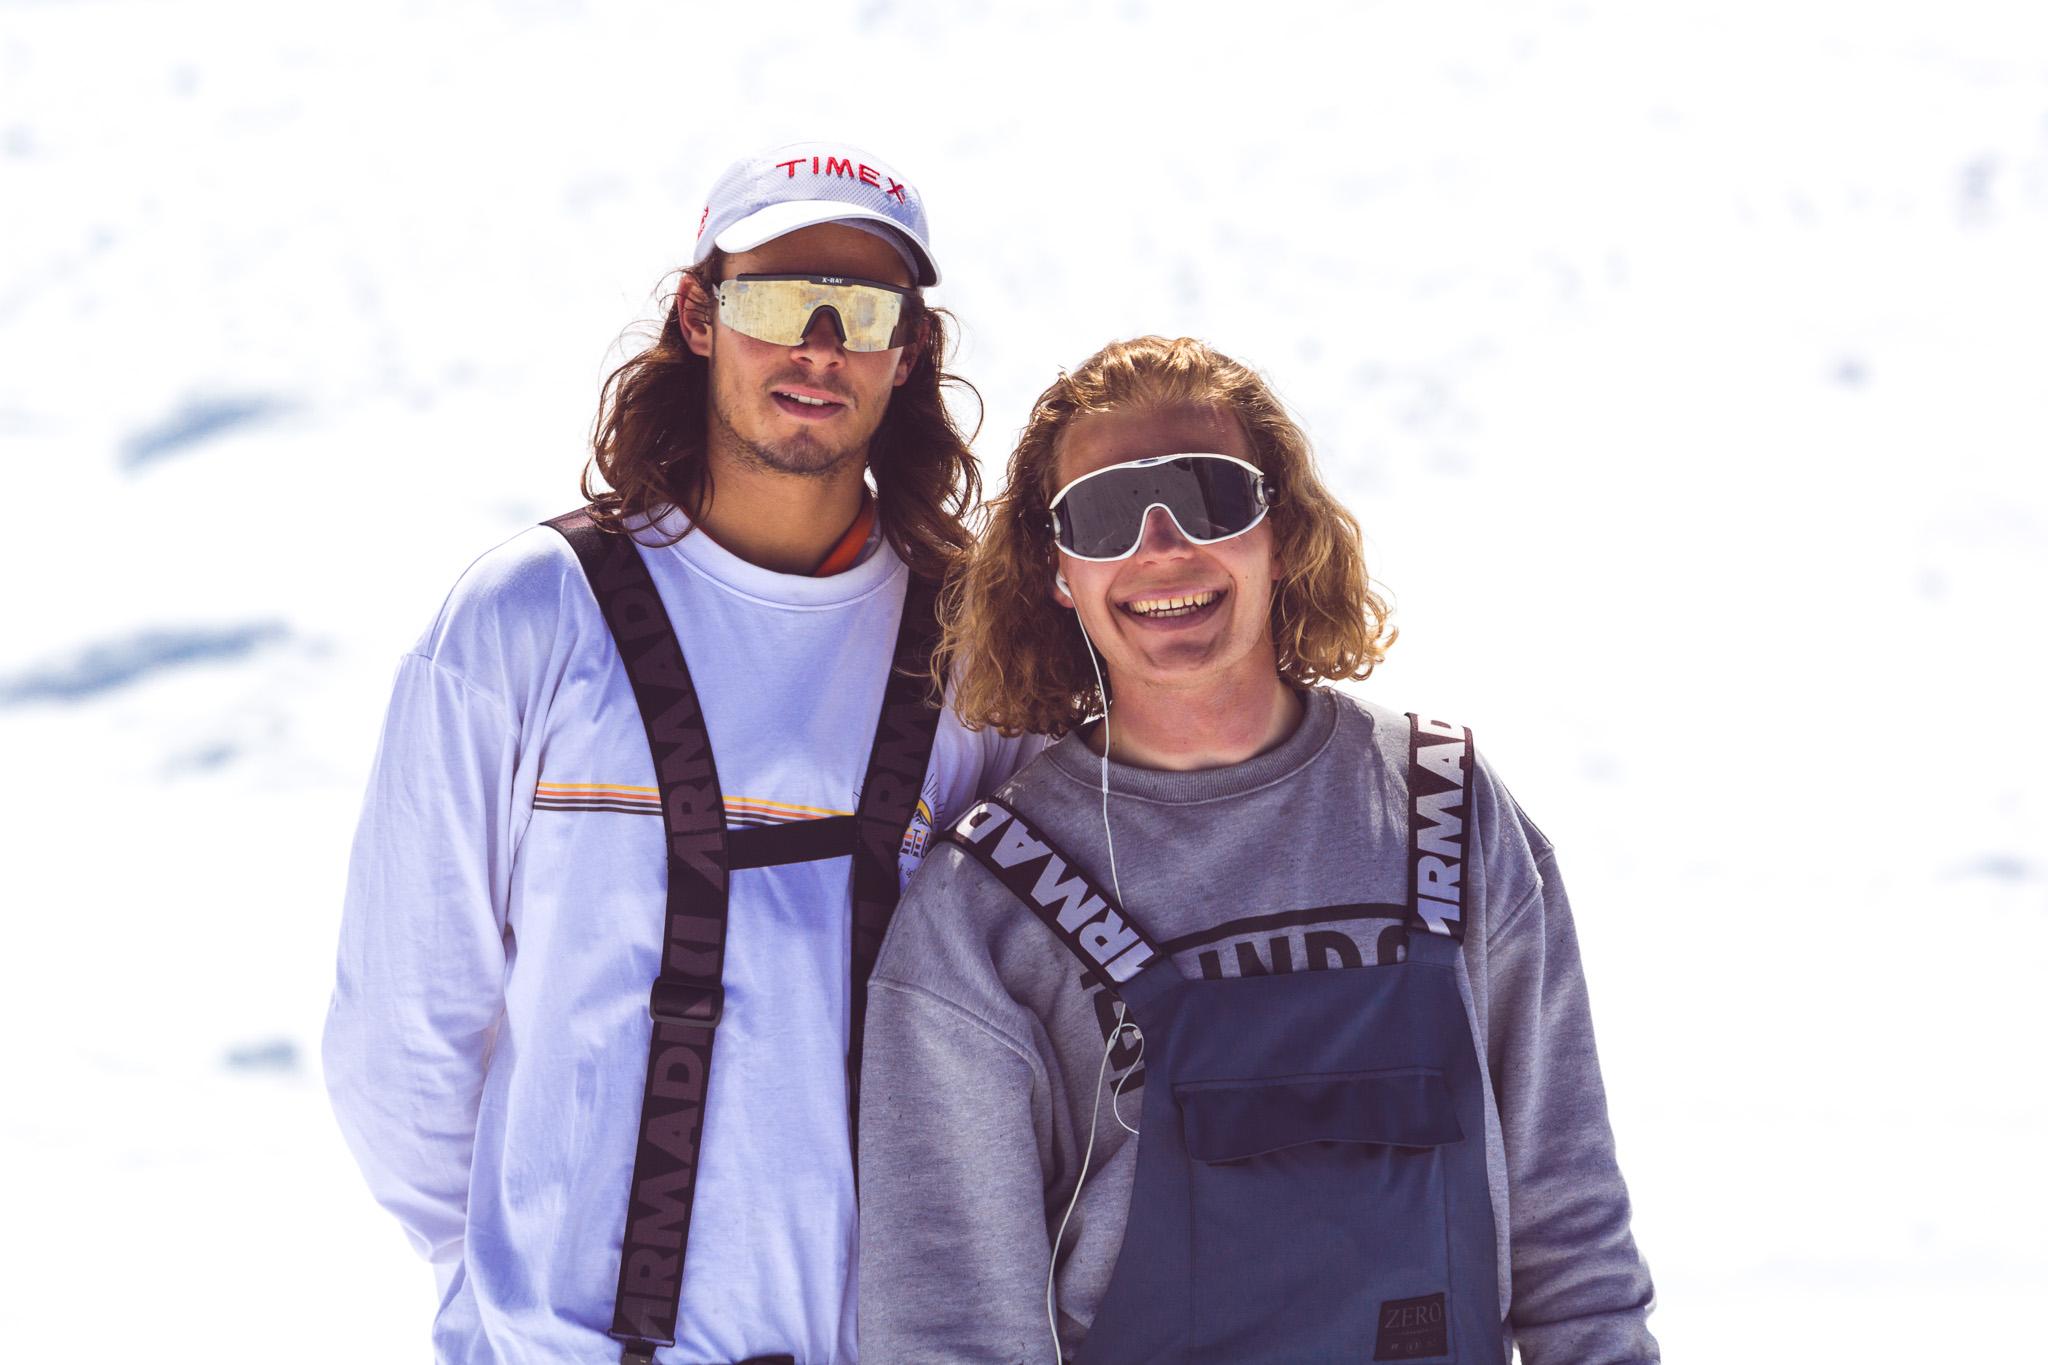 Ob diese beiden Styler wohl dieses Jahr auch wieder kommen? Findet es heraus und kommt in den Snowpark Kaunertal zu den Spring Classics 2018!